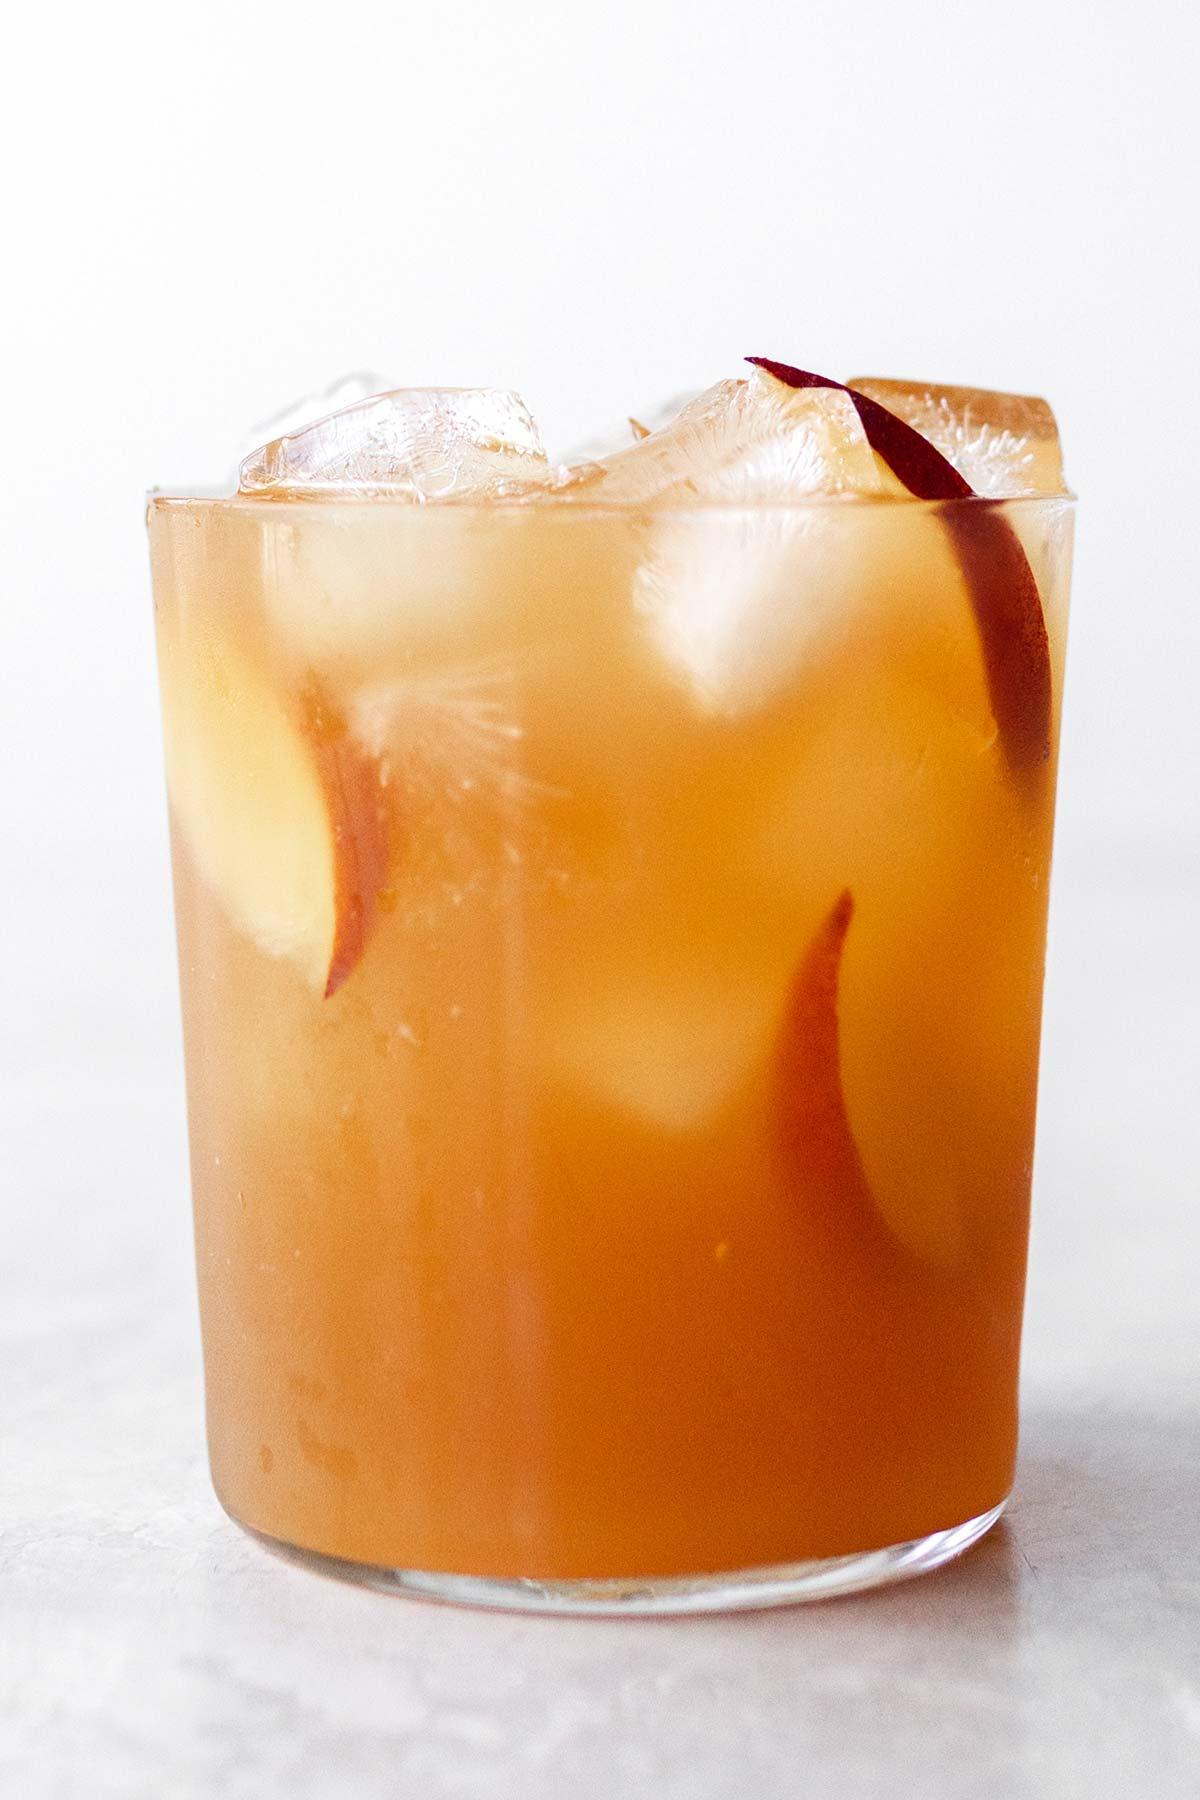 Peach iced tea in a cup with peach slices.